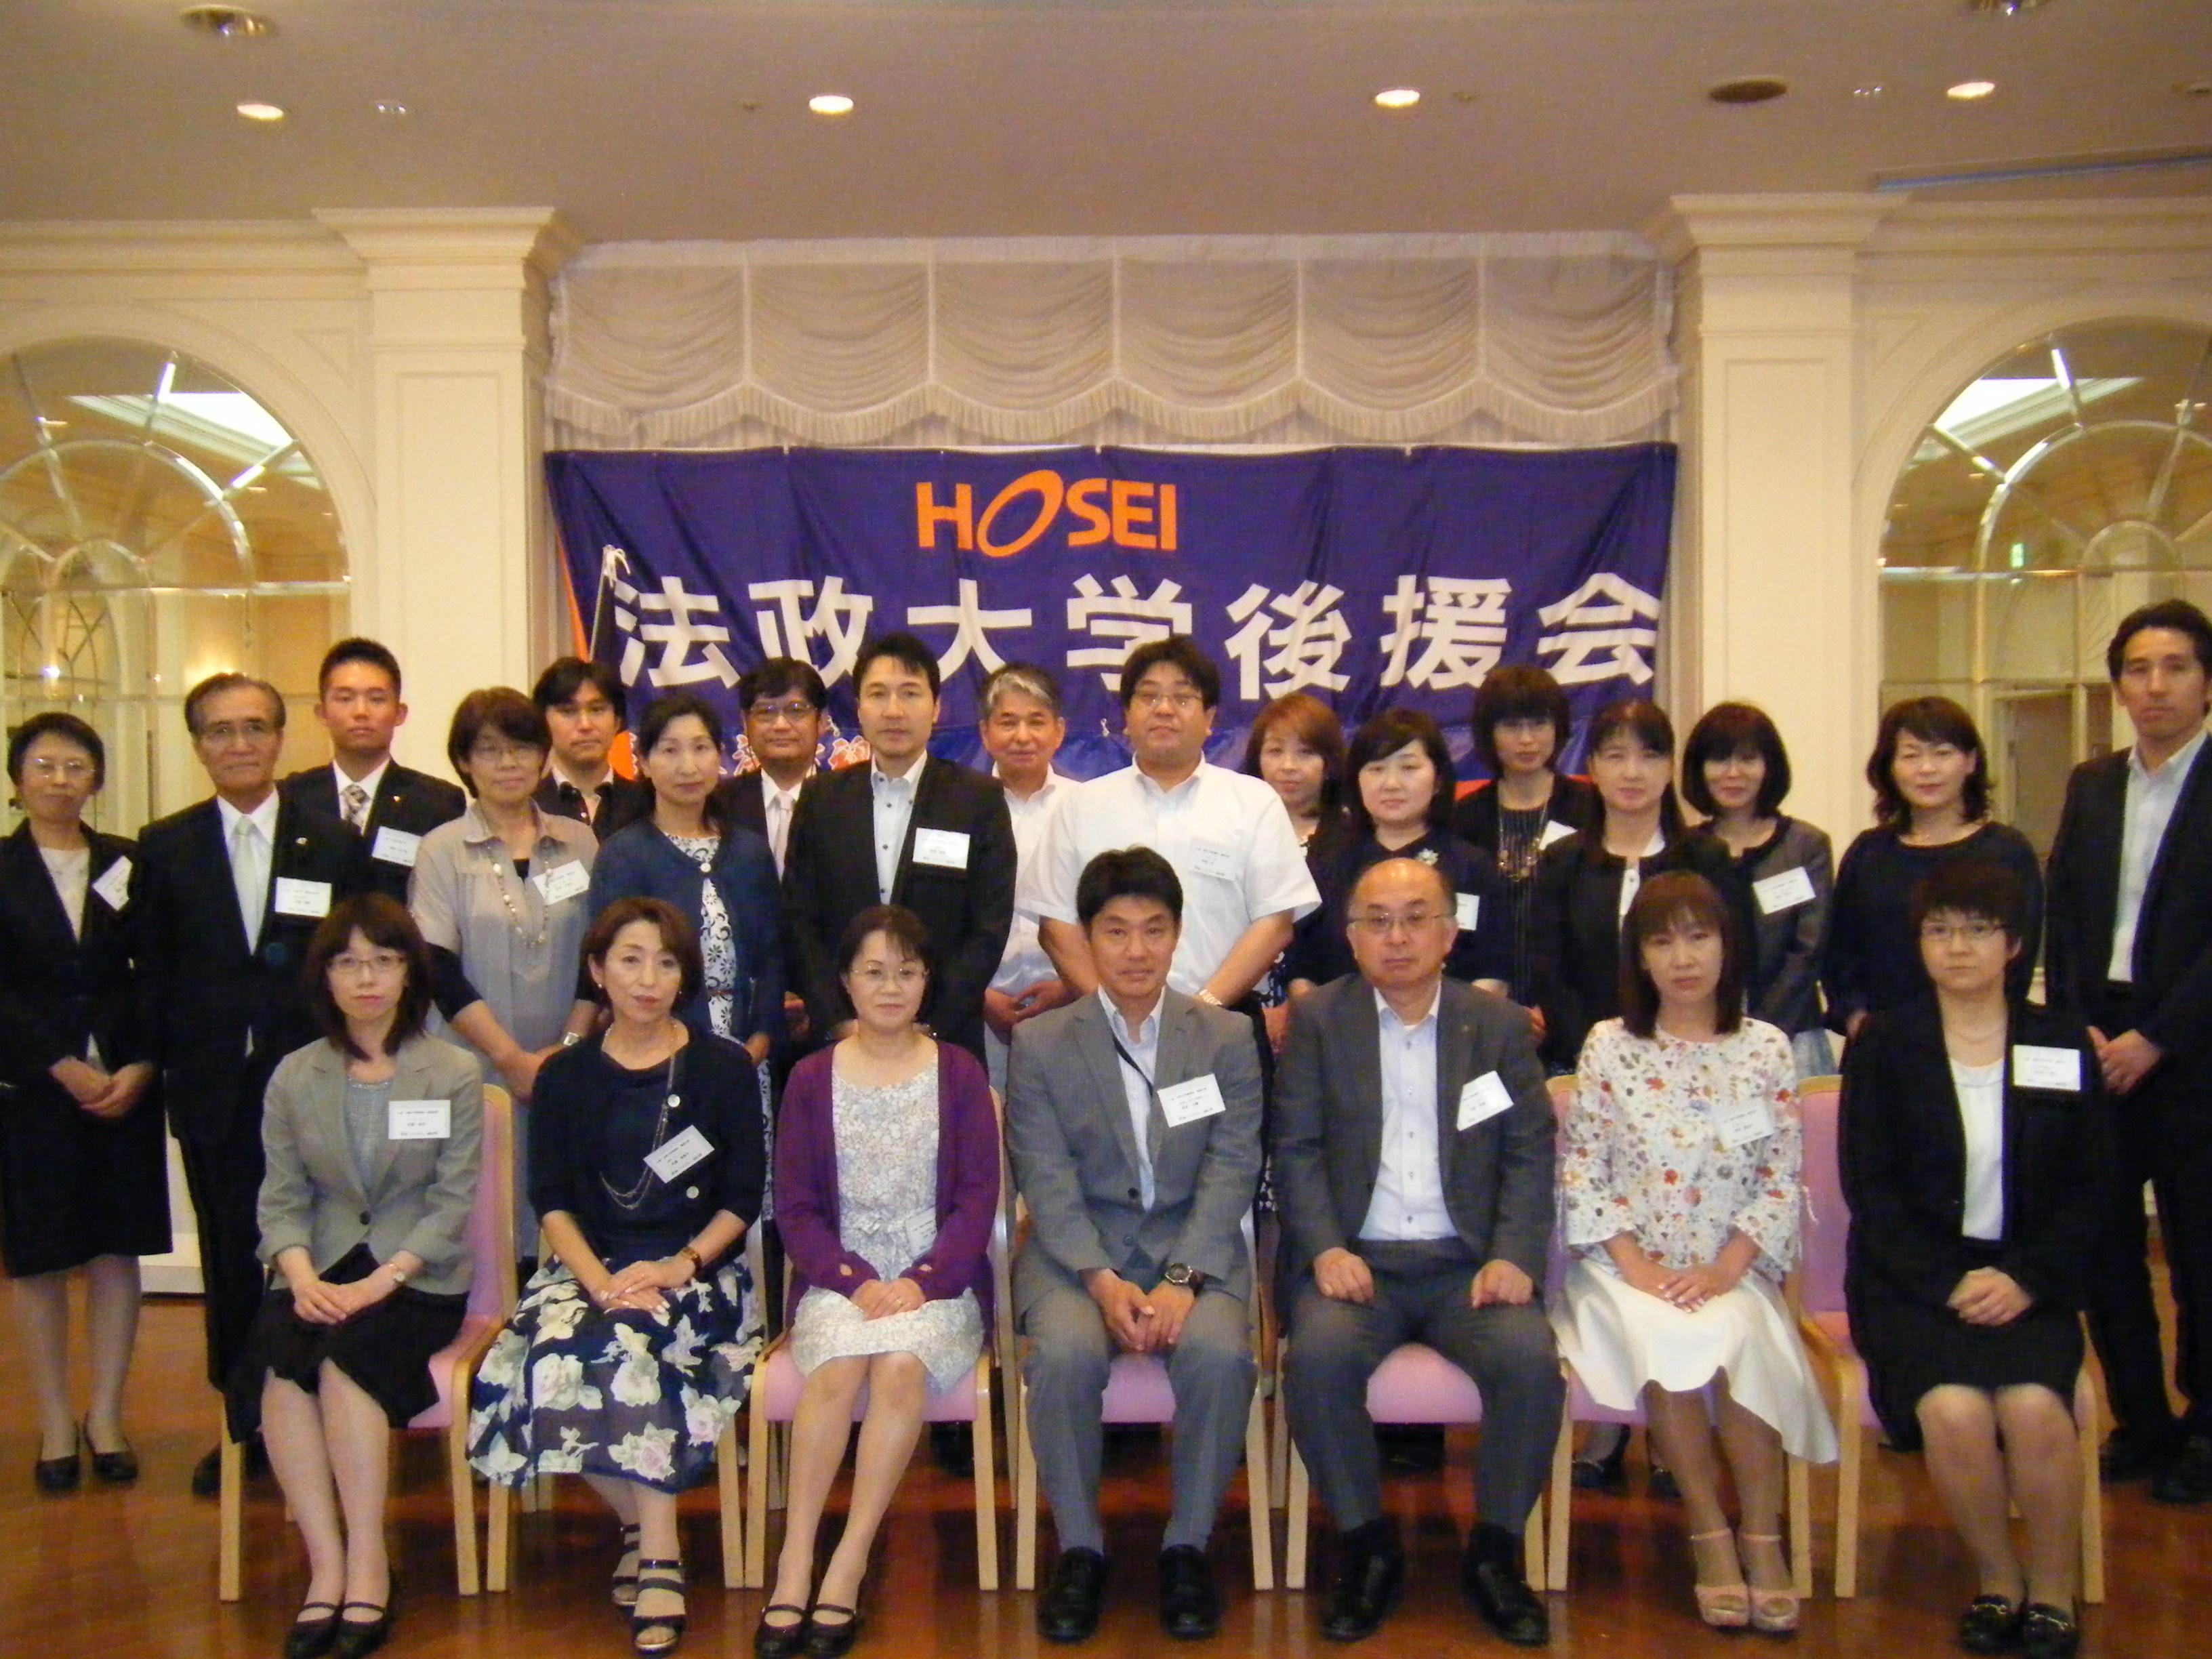 福島支部2017年度新入生父母の集い報告